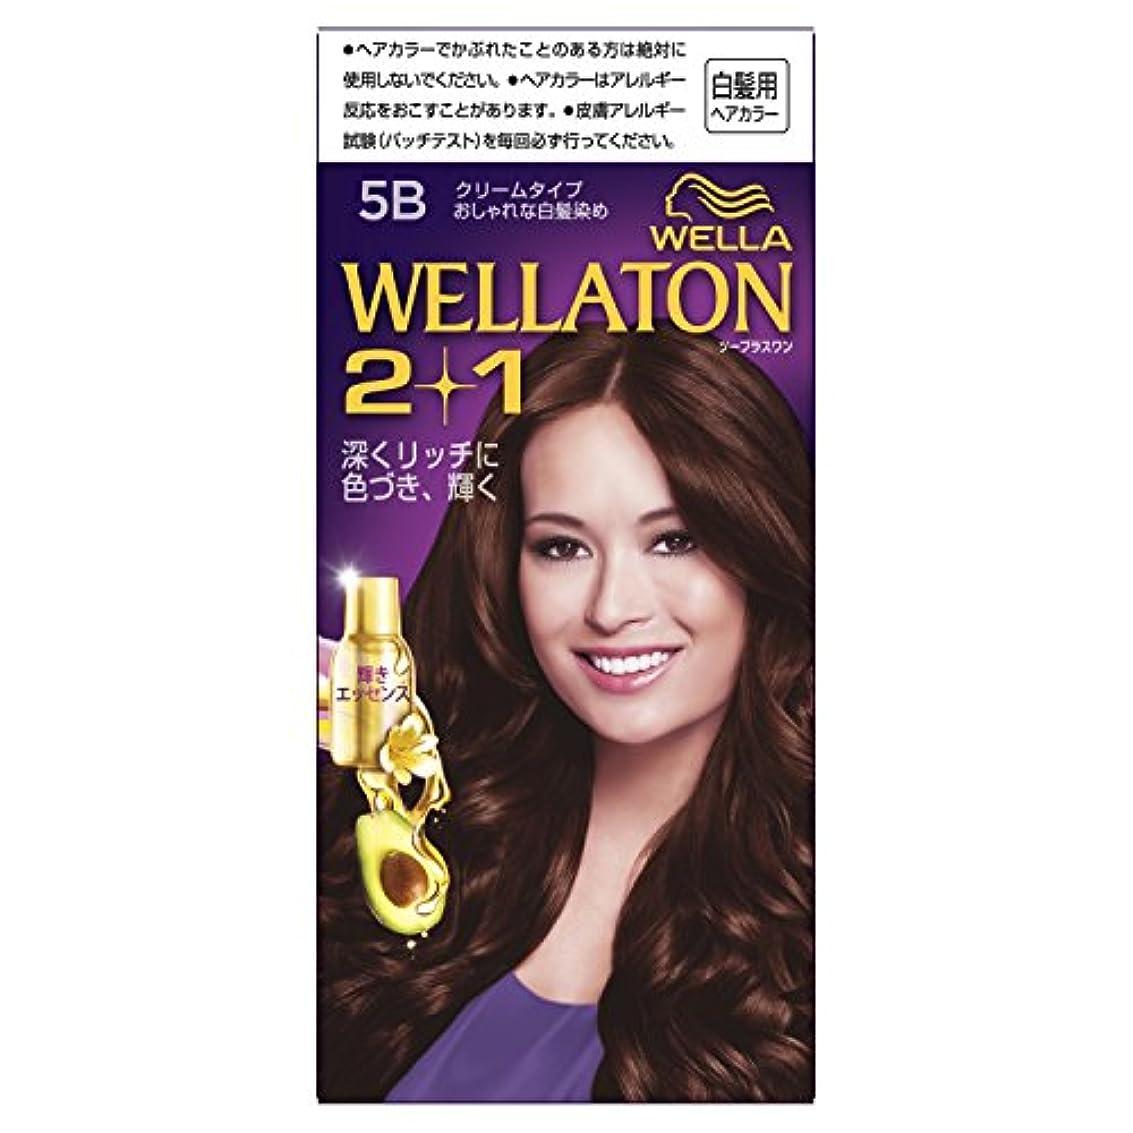 素敵な悪因子消化ウエラトーン2+1 クリームタイプ 5B [医薬部外品](おしゃれな白髪染め)